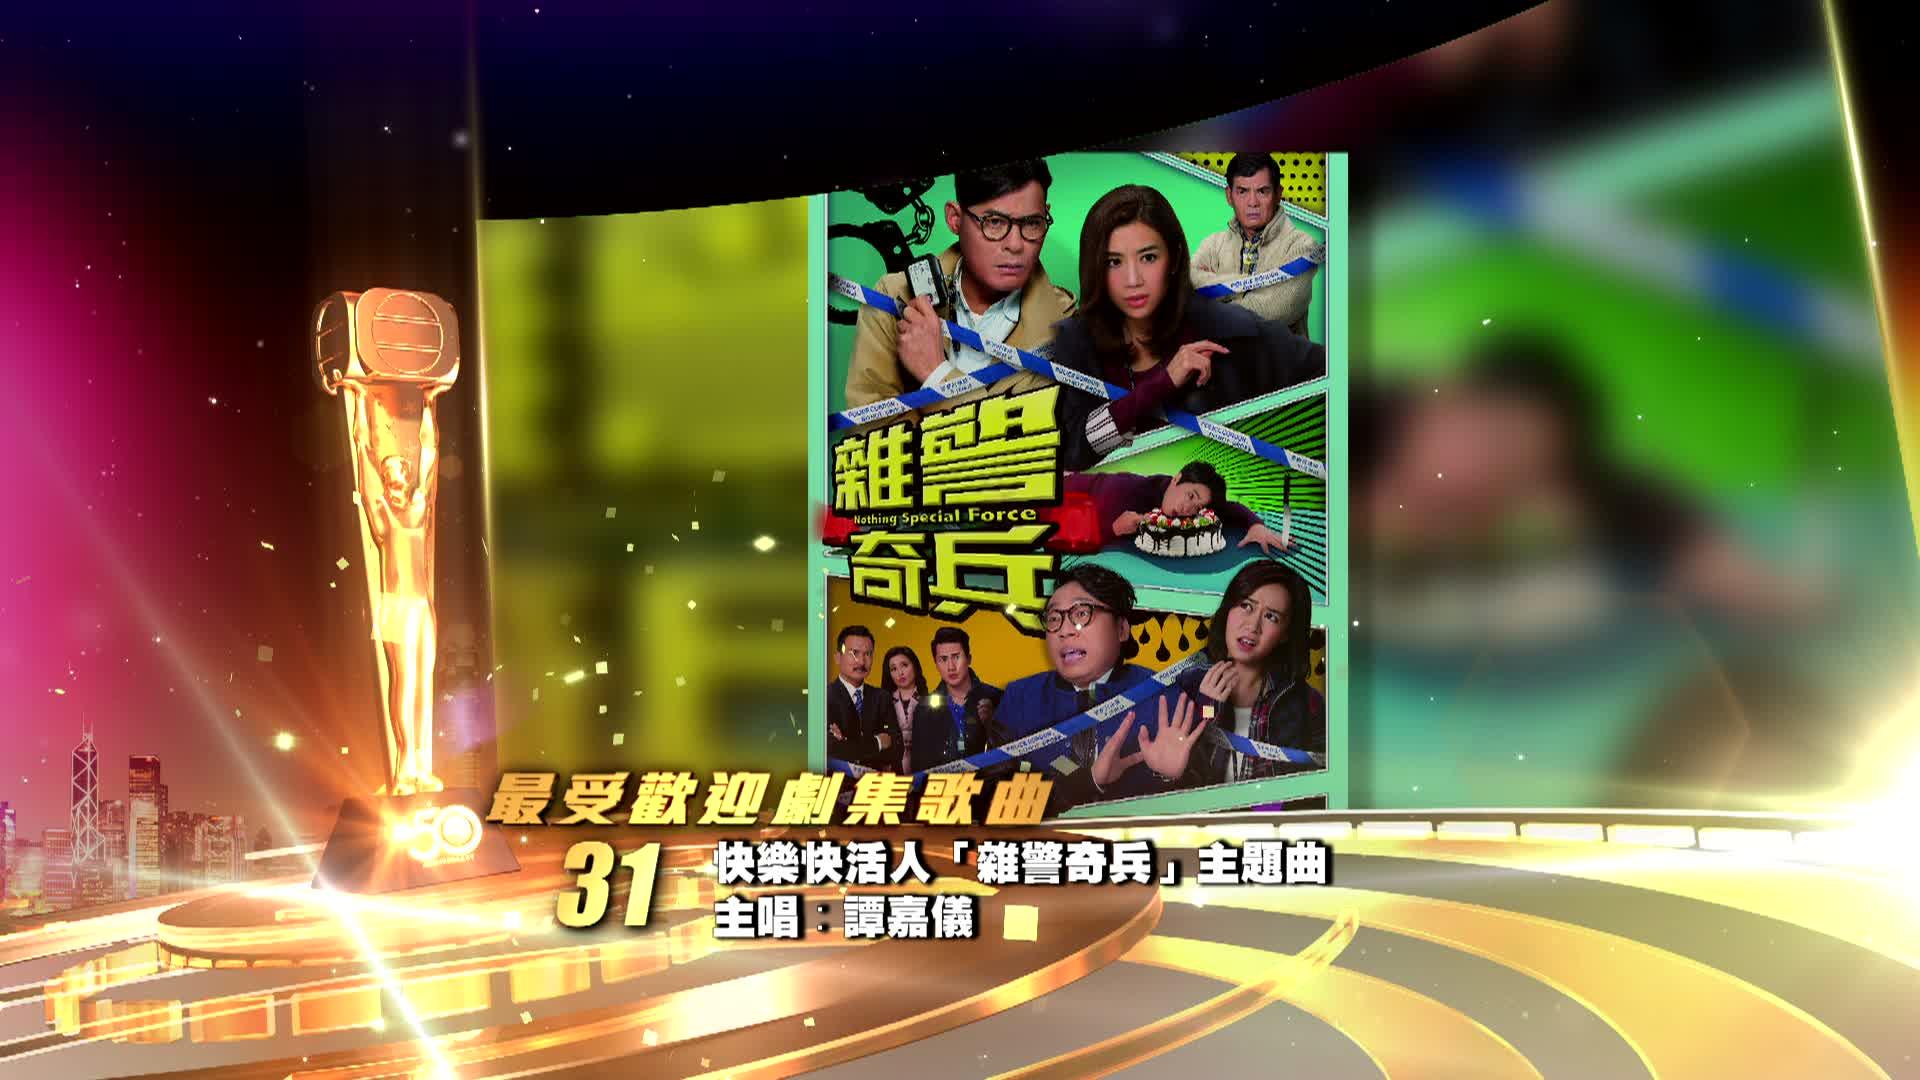 31. 譚嘉儀-快樂快活人《雜警奇兵》主題曲